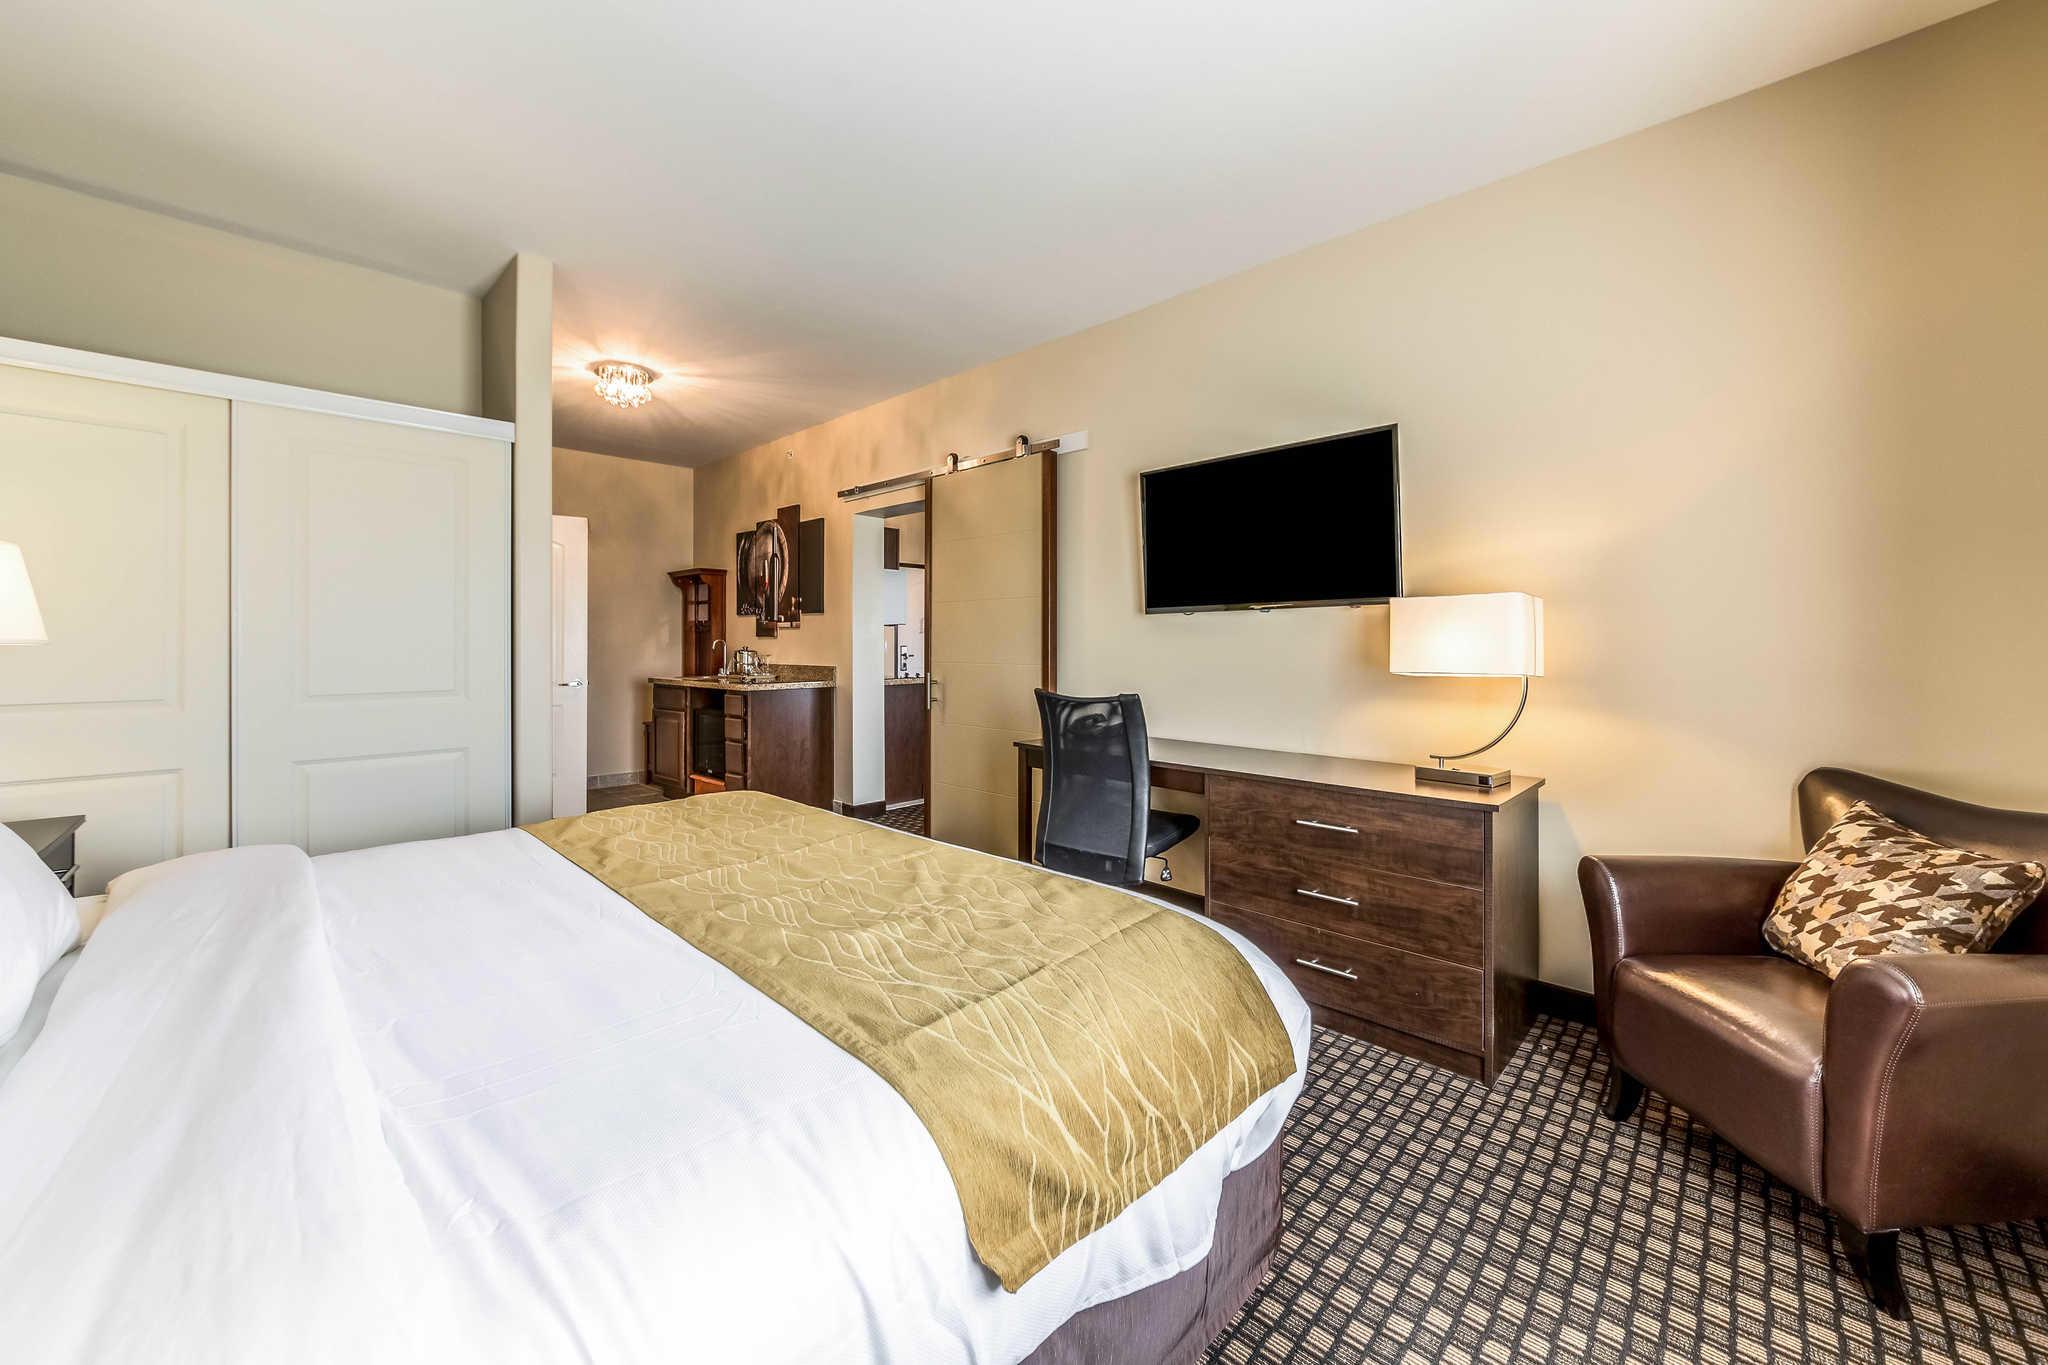 Comfort Inn & Suites Barnesville - Frackville image 14